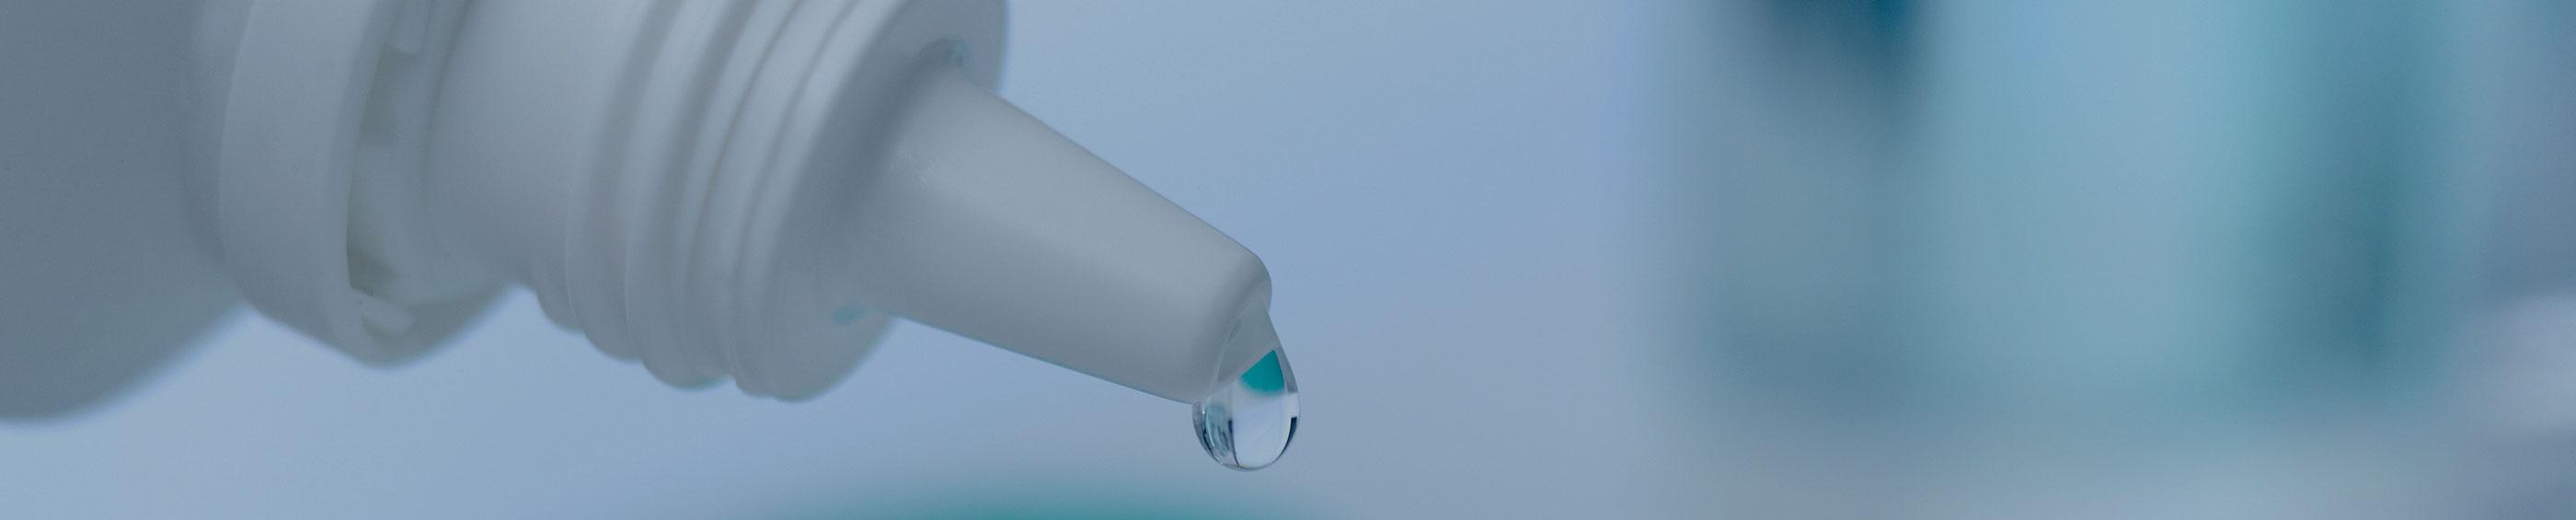 La solución de lentes de contacto se vierte en un estuche de lentes de contacto